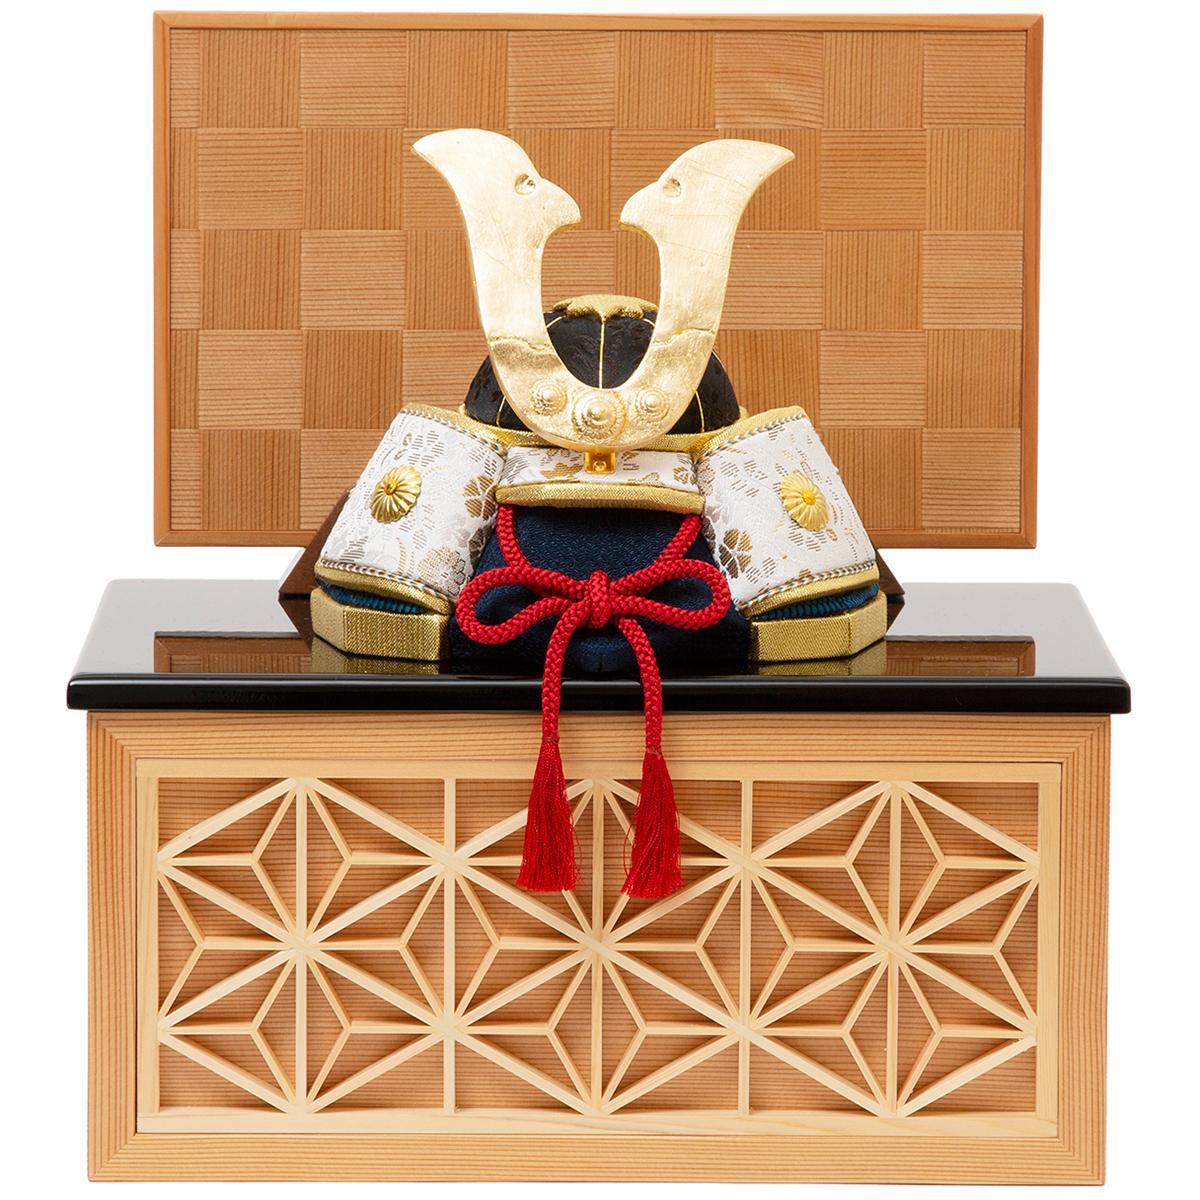 小さなスペースでも、エレガントに飾りたい」なら、《四角形・小》6つの日本伝統工芸をコンパクトにした、木目込の「プレミアム兜飾り」| 宝輝 | 柿沼人形